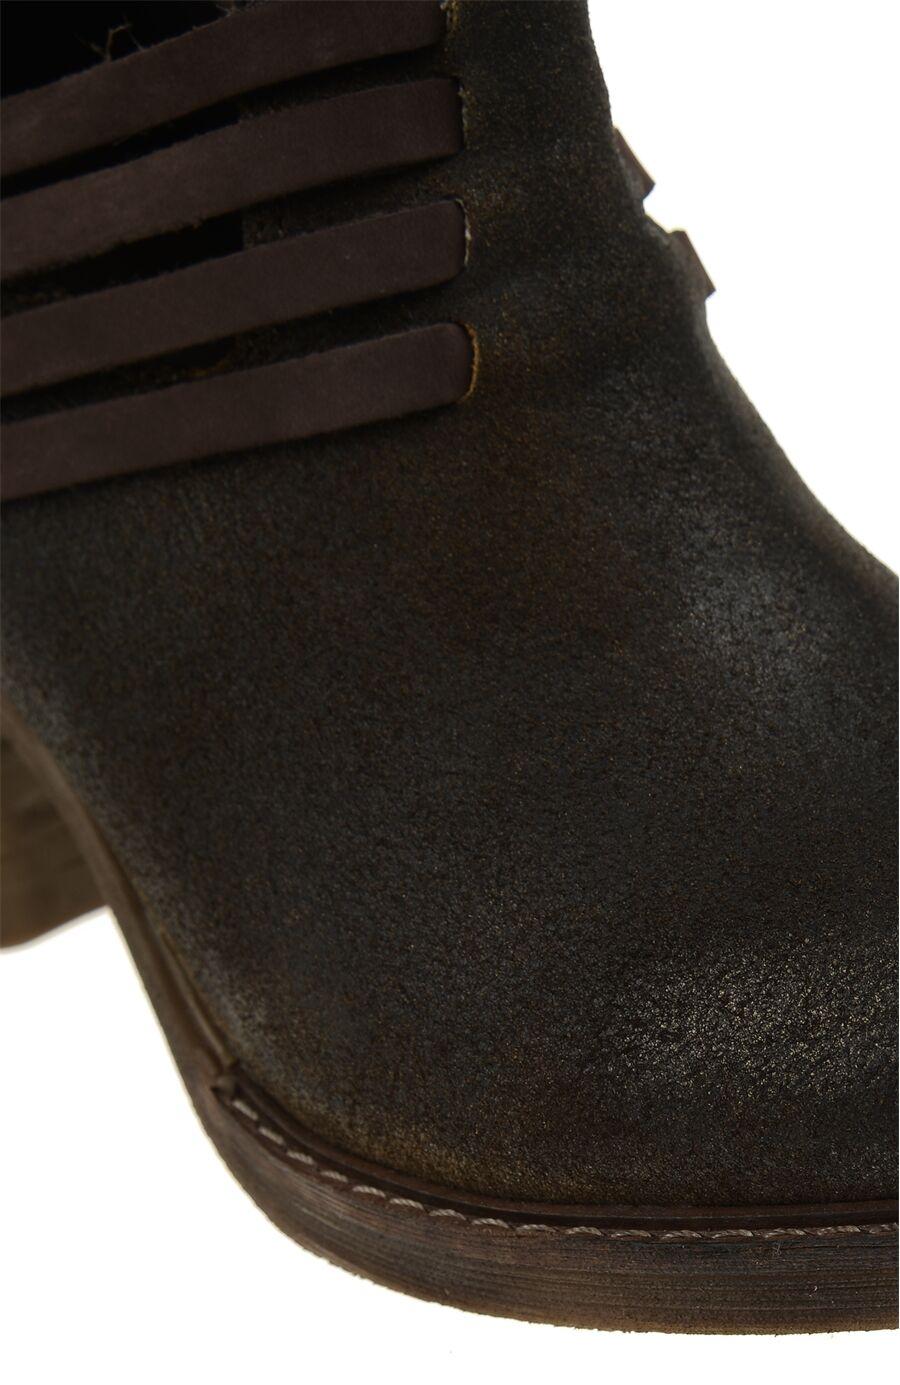 Zımbalı Kahverengi Deri Bot